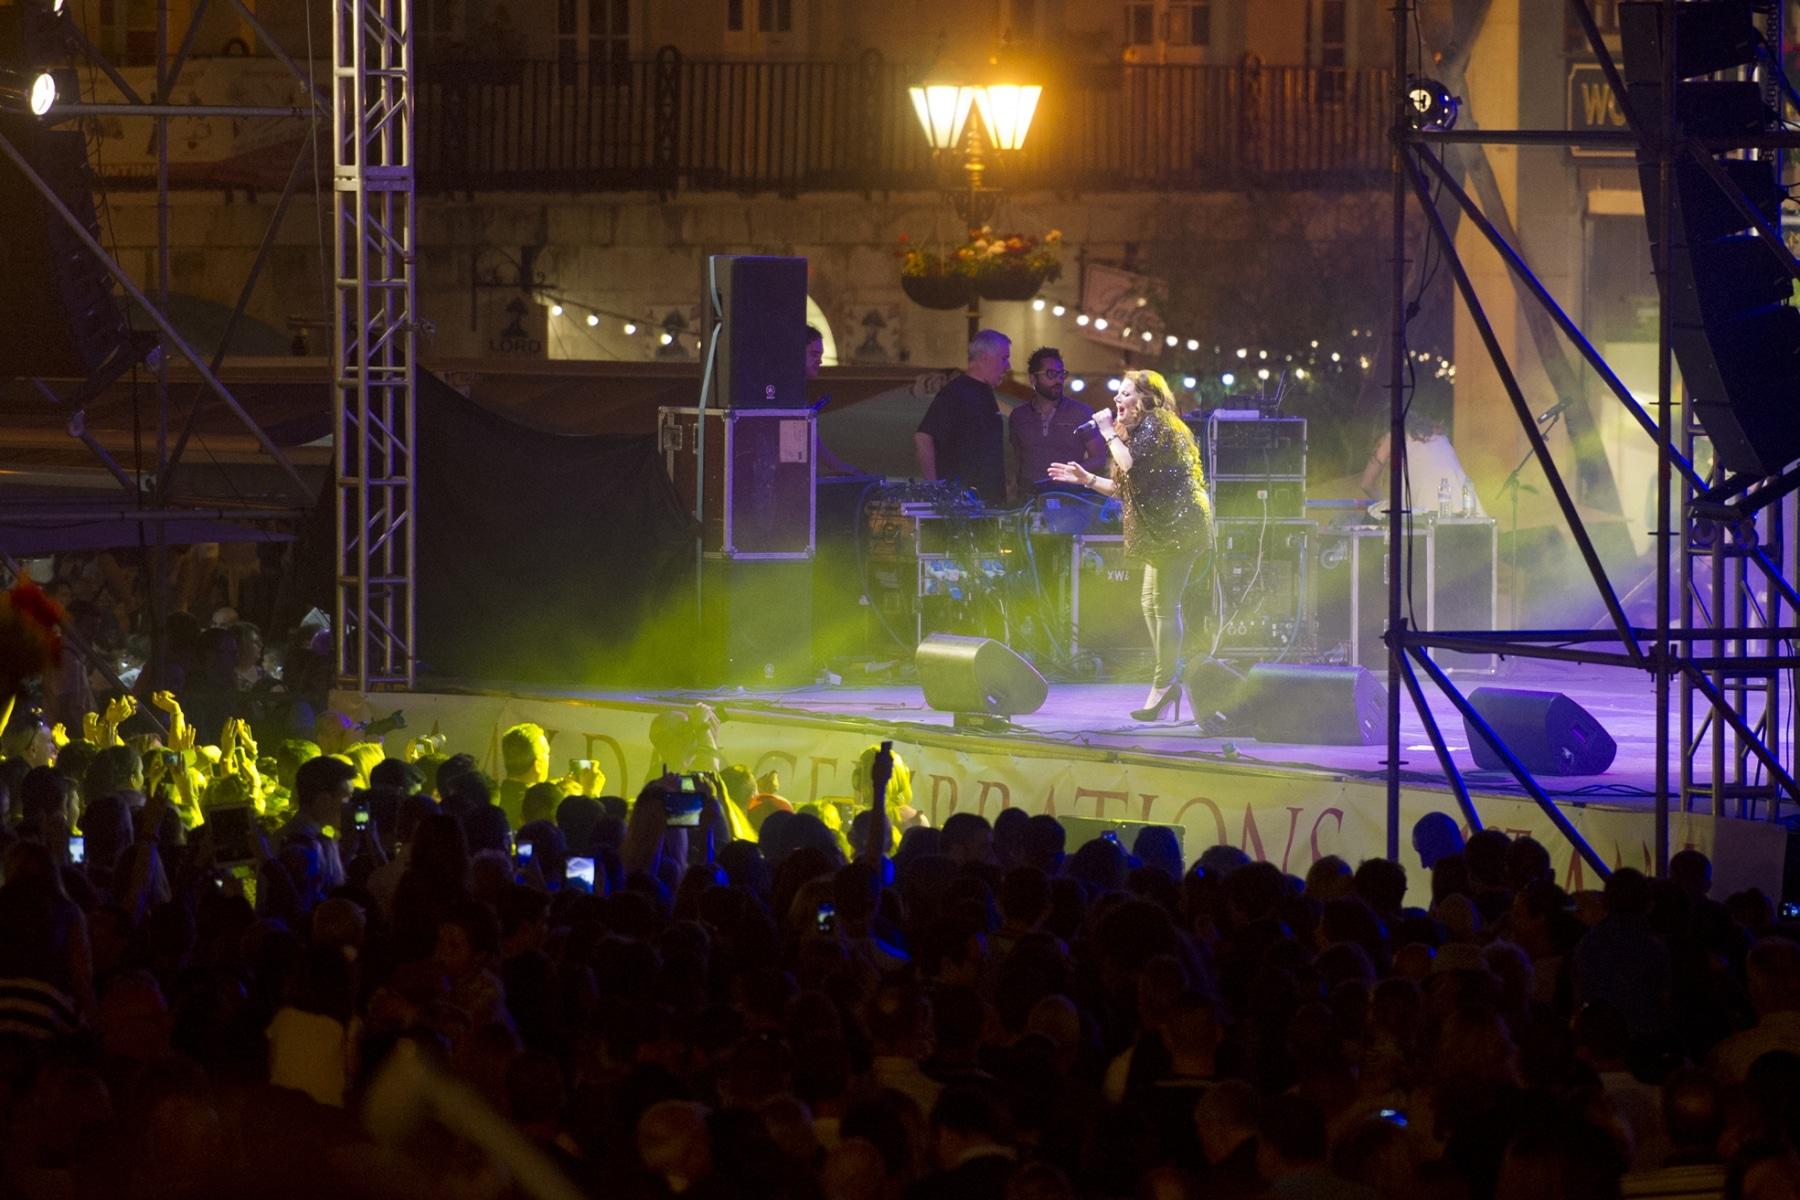 fiesta-del-1-de-mayo-en-gibraltar-01052015-14_17176680148_o